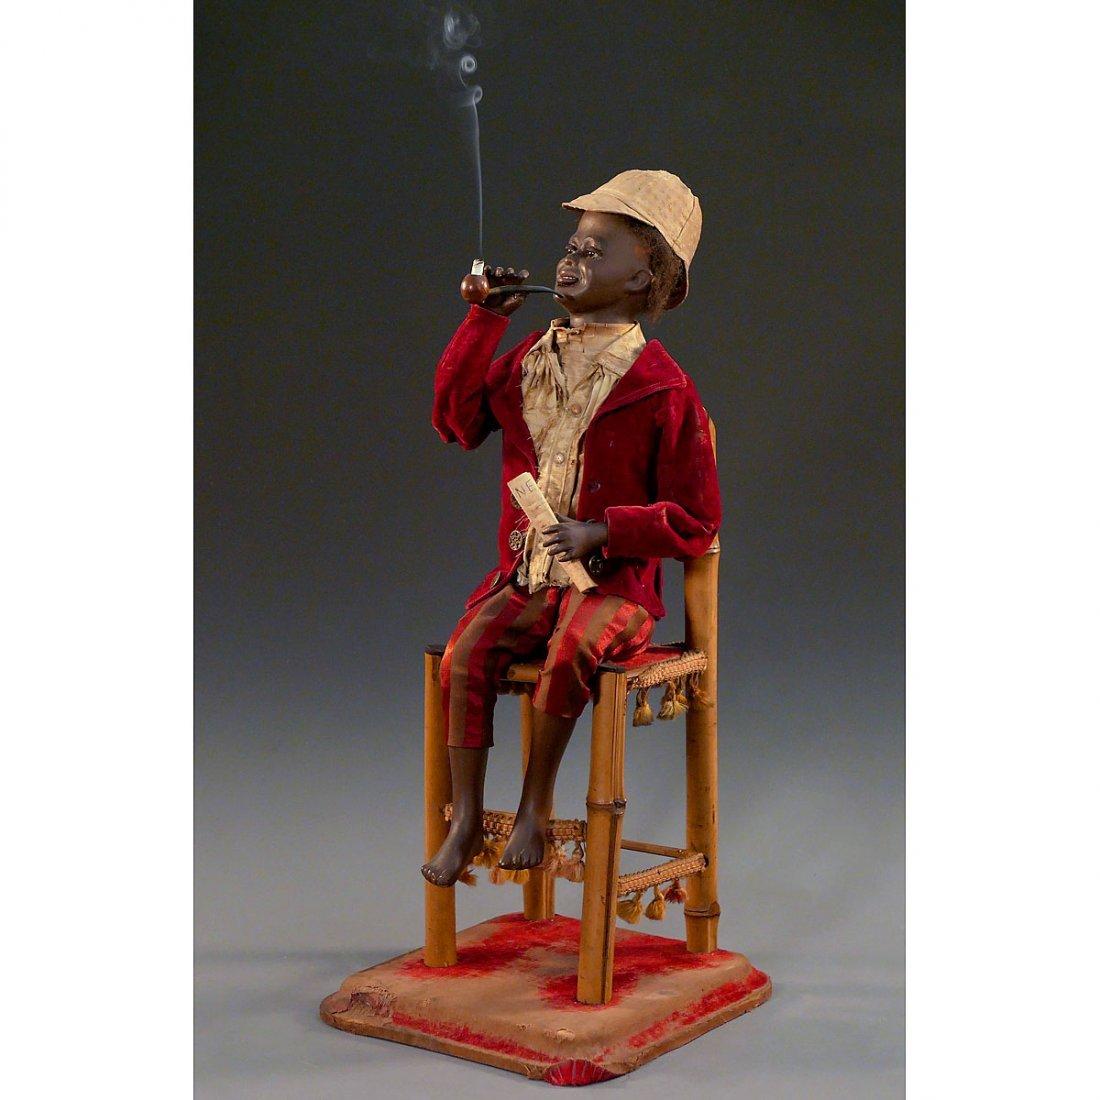 Nègre Fumeur Automaton by Roullet et Decamps, c. 1910 - 2